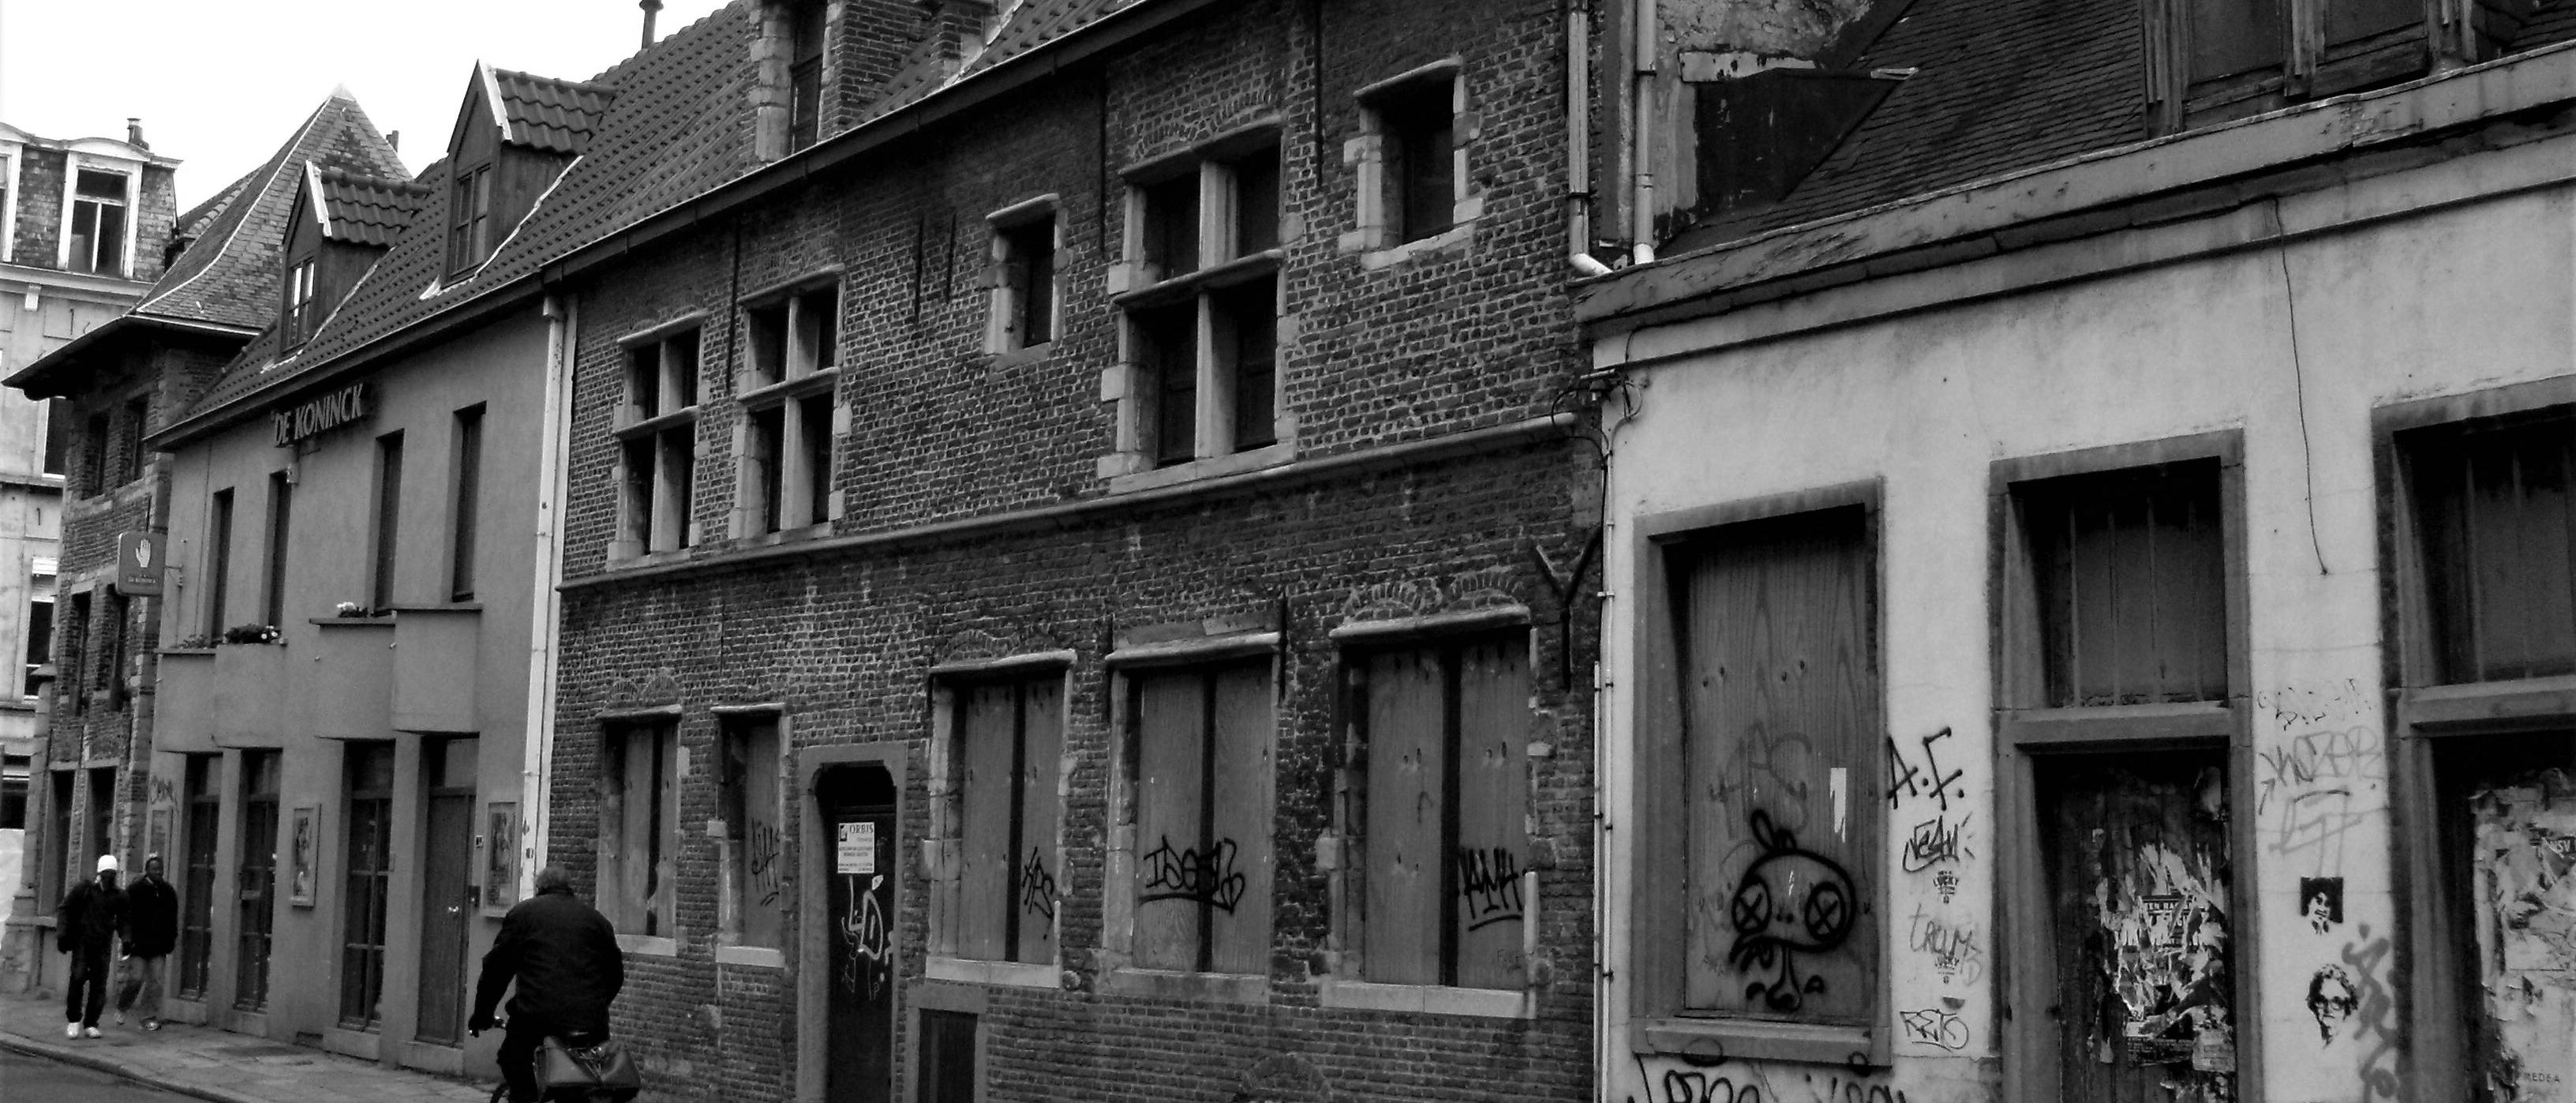 Vacant_houses_in_Antwerpen_2